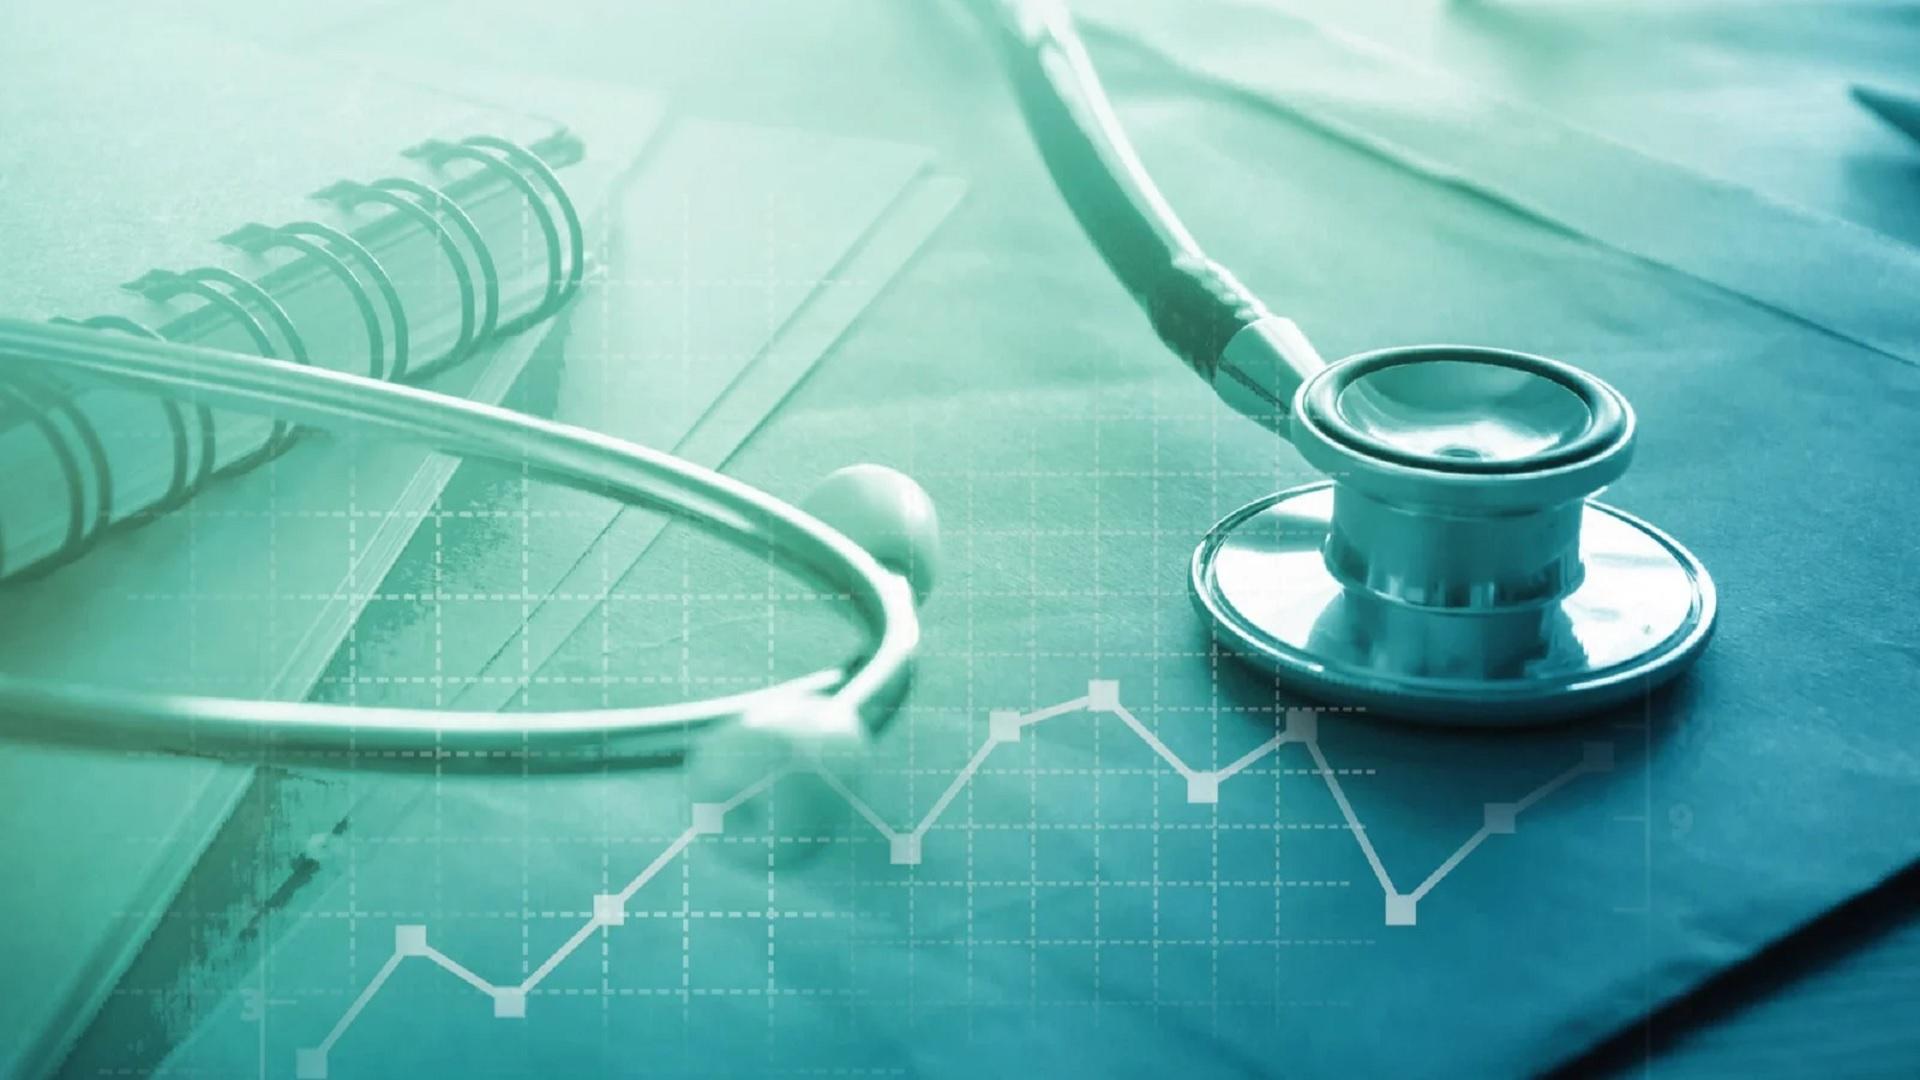 Κέρδη αλλά και ρίσκο στο χρηματιστήριο της Υγείας εν μέσω πανδημίας